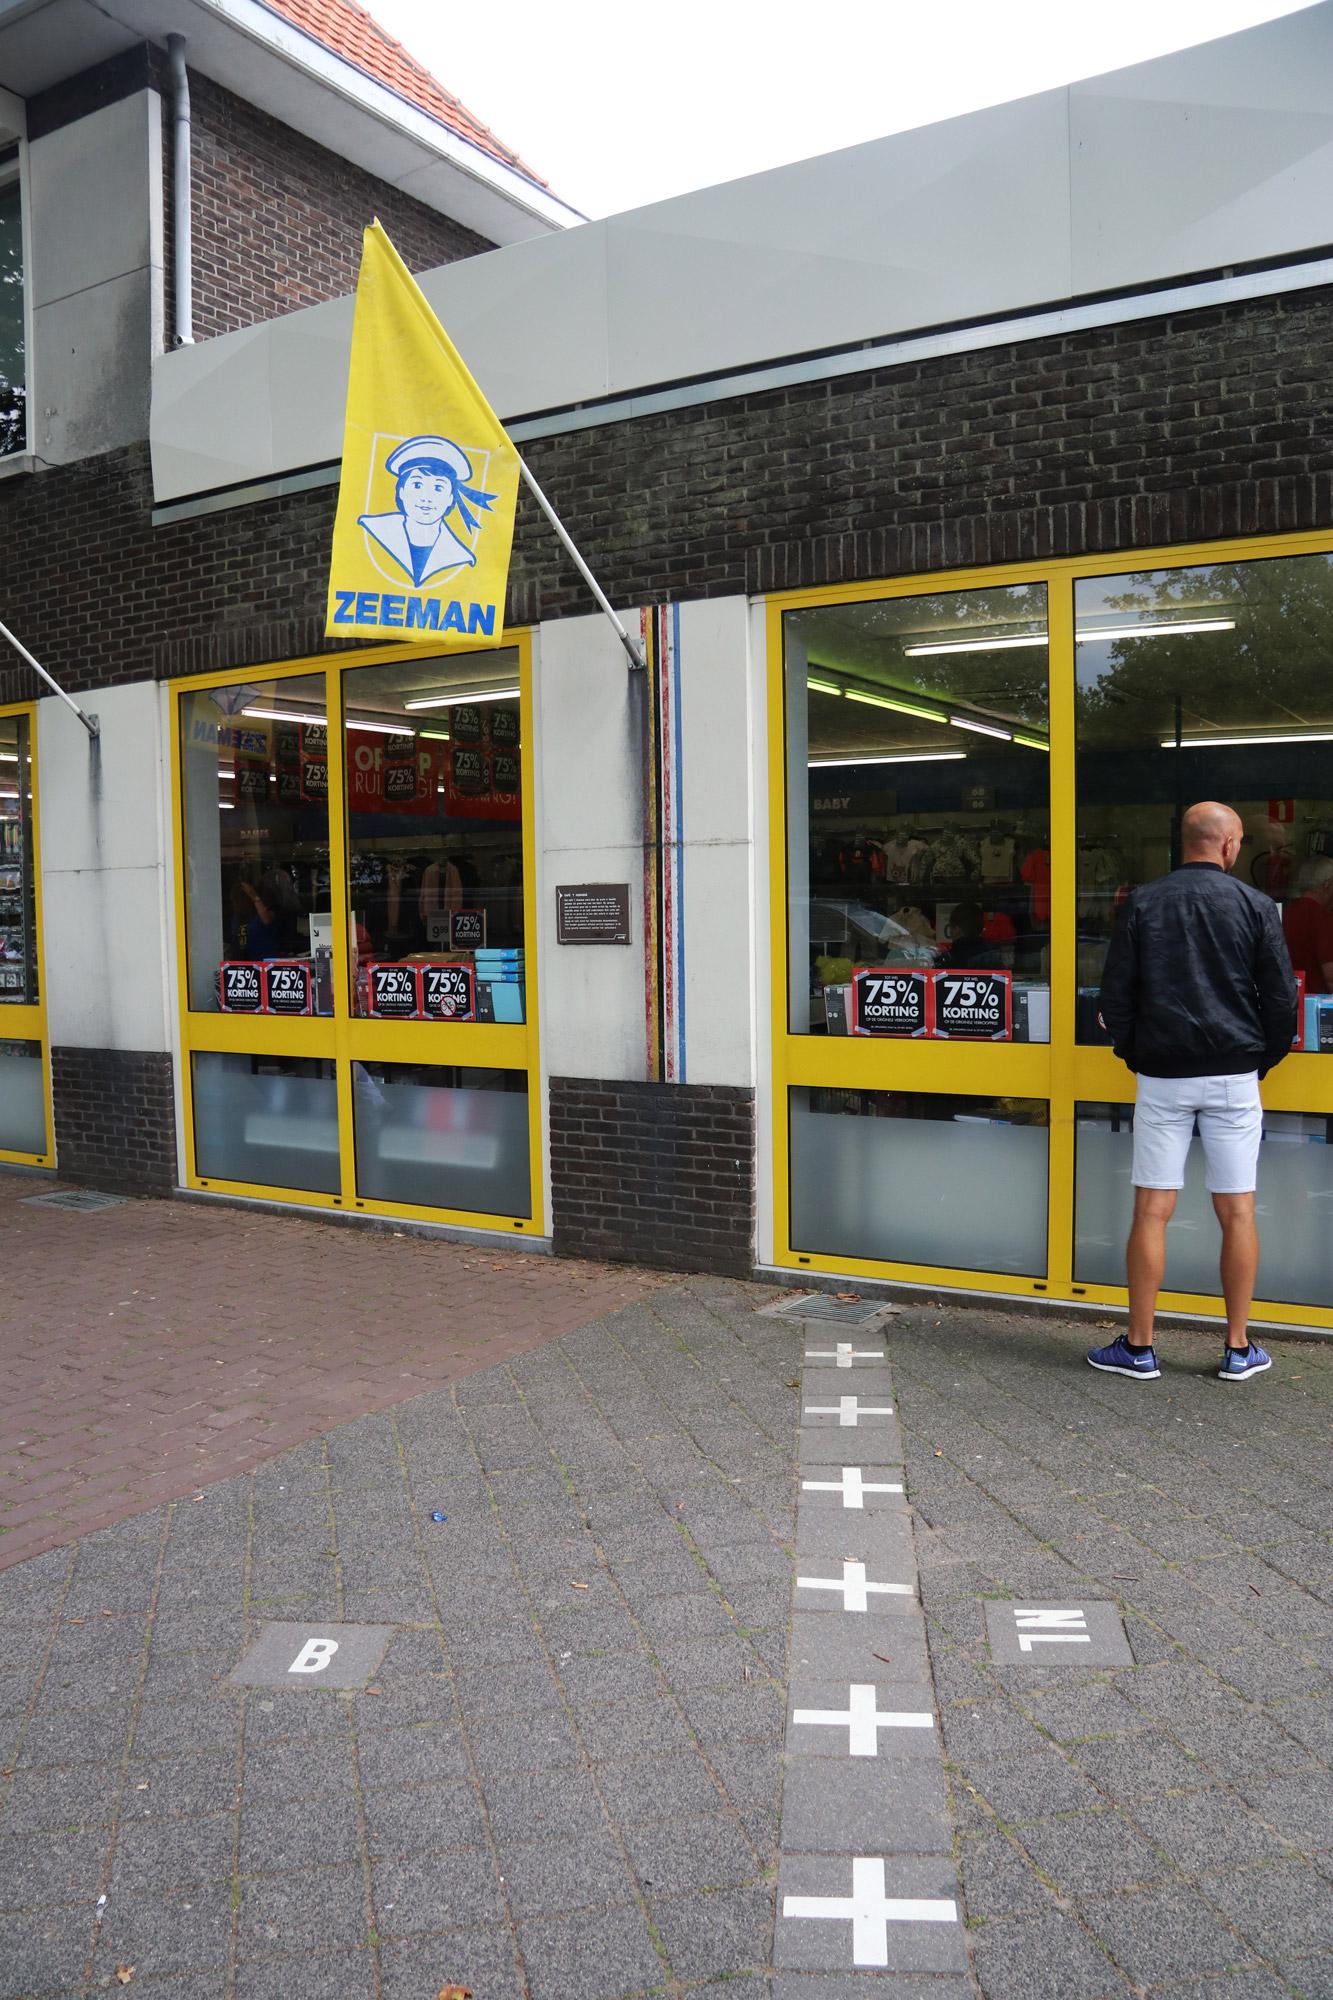 Een vreemd Nederlands/Belgisch dorp: Baarle - Ook de Zeeman staat deels in Nederland en deels in België